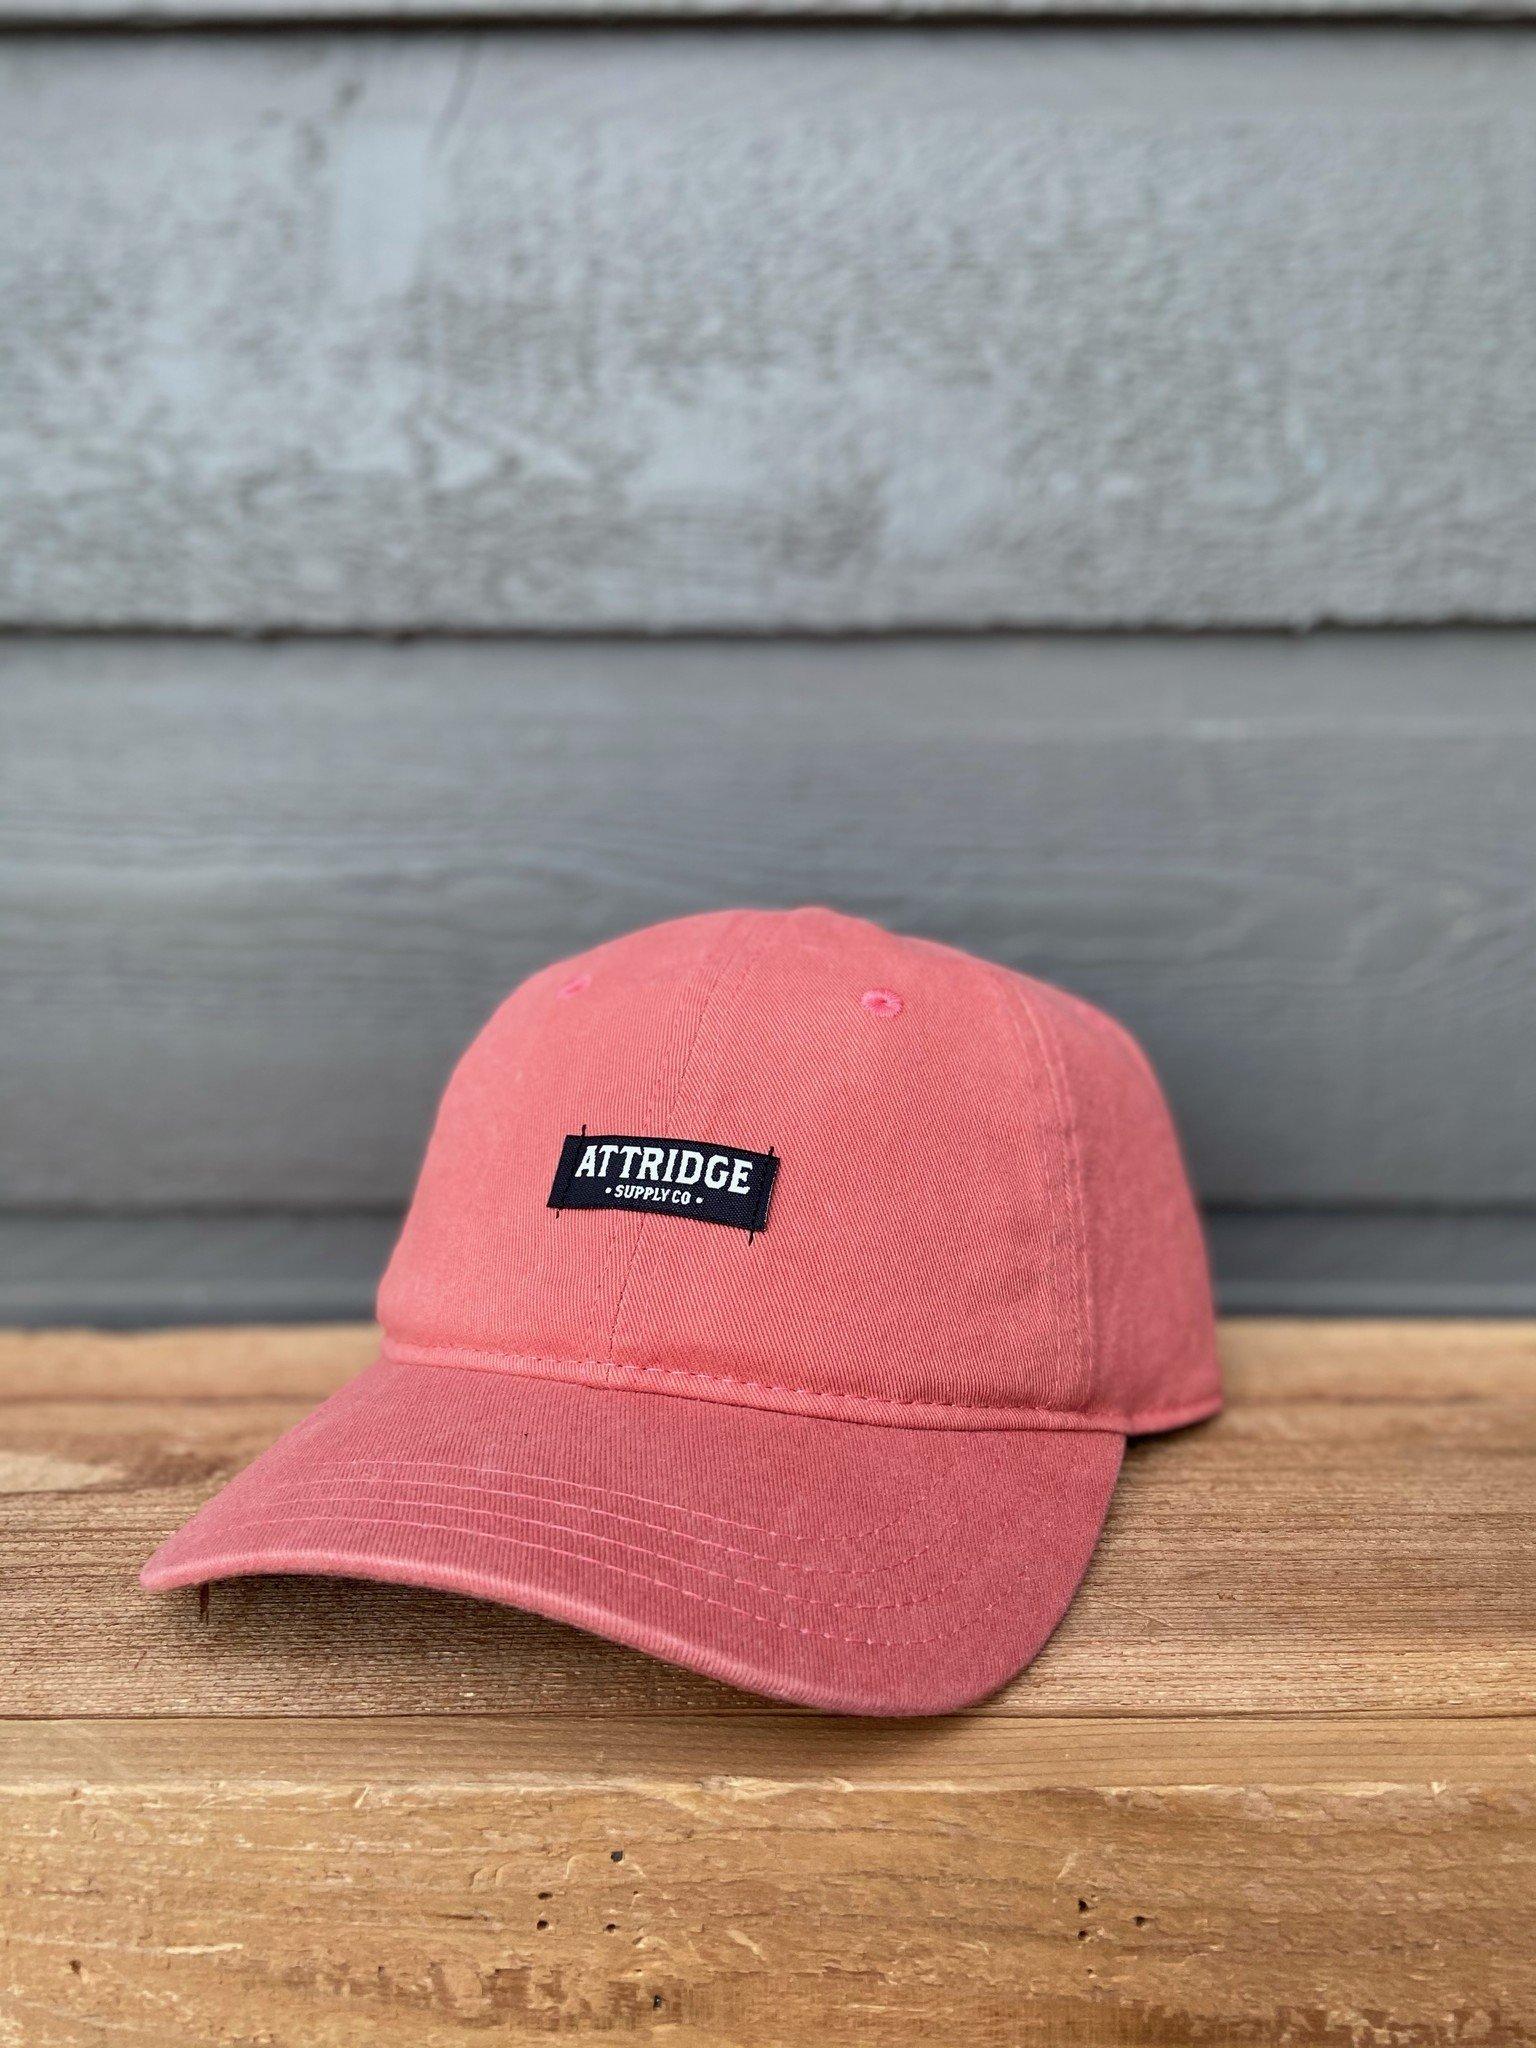 Attridge Supply Co Dad Hat-7